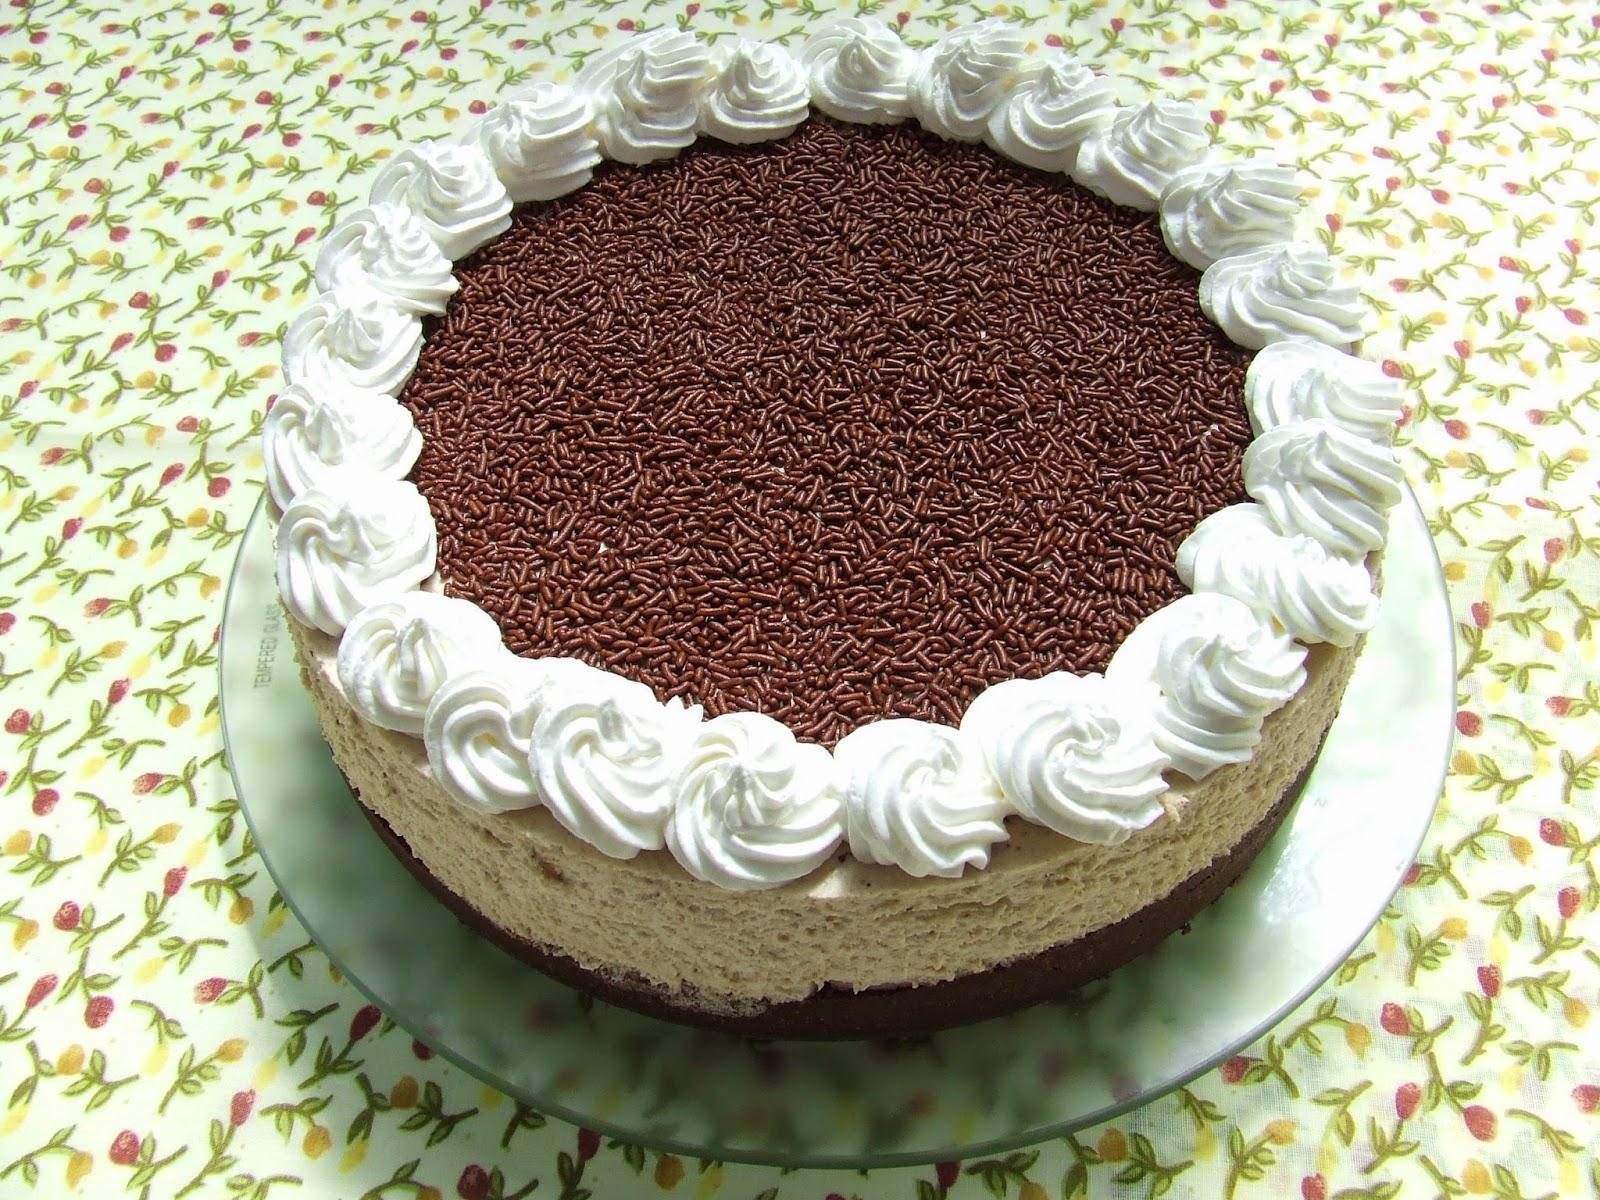 gesztenye torta képek Nagymamám konyhájából,: Gesztenye torta, a meleg napokra gesztenye torta képek